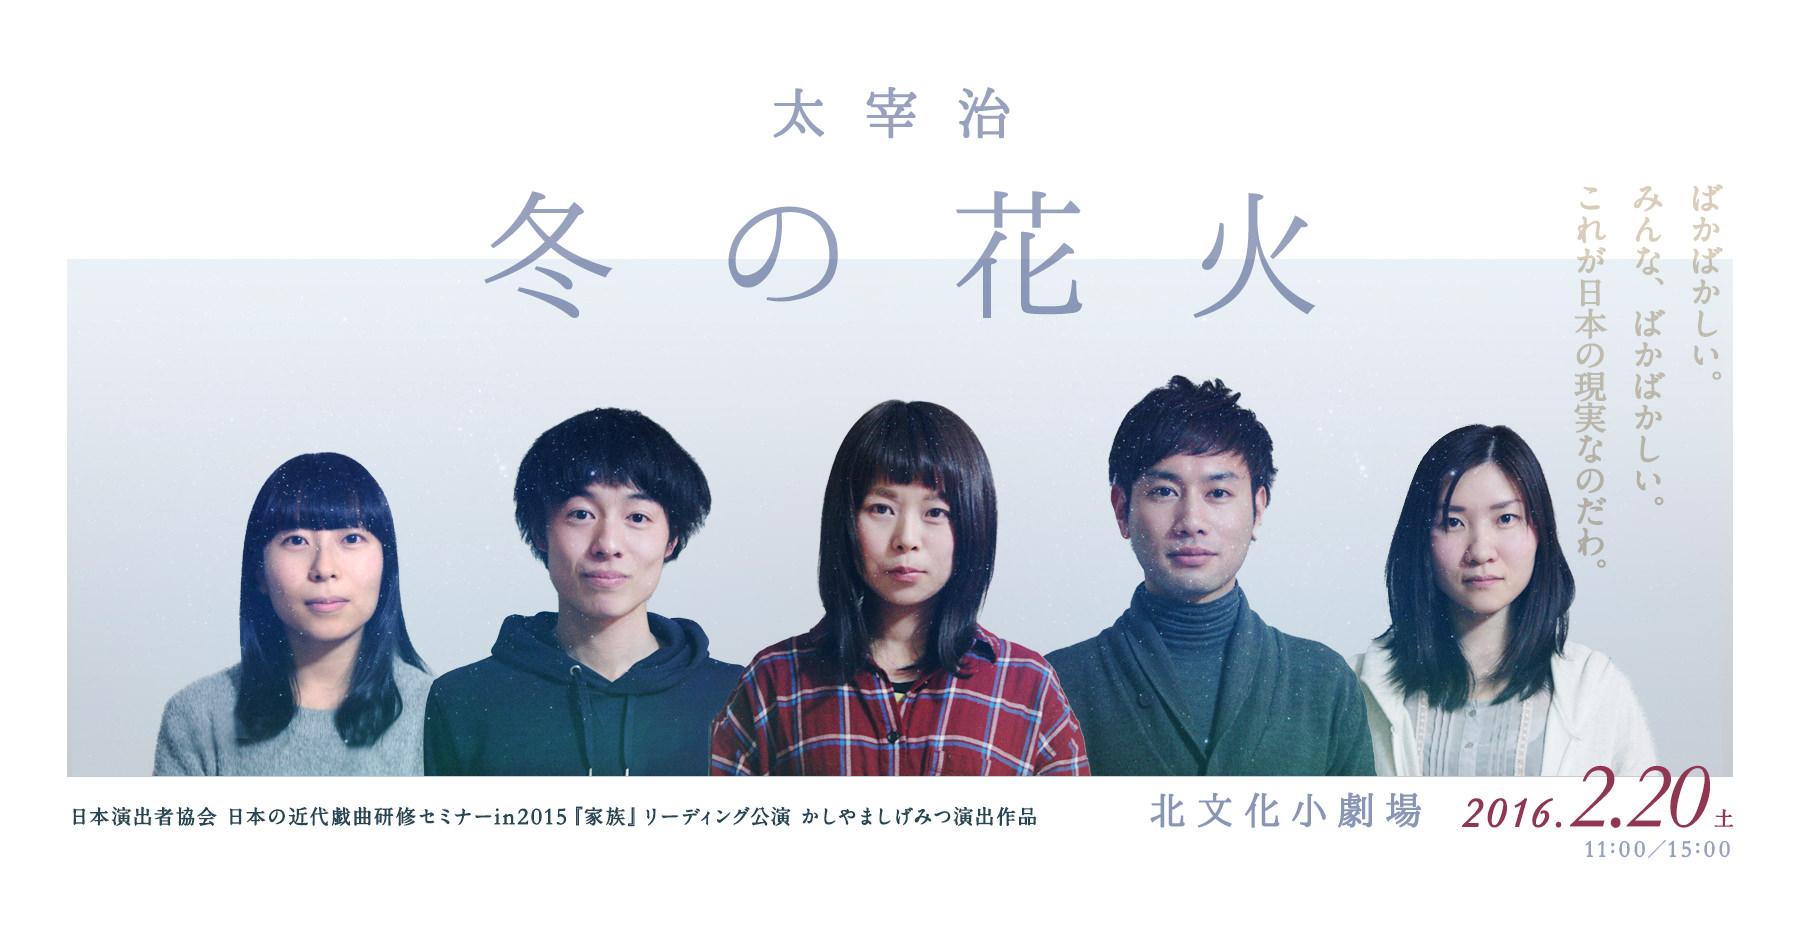 リーディング公演 太宰治「冬の花火」